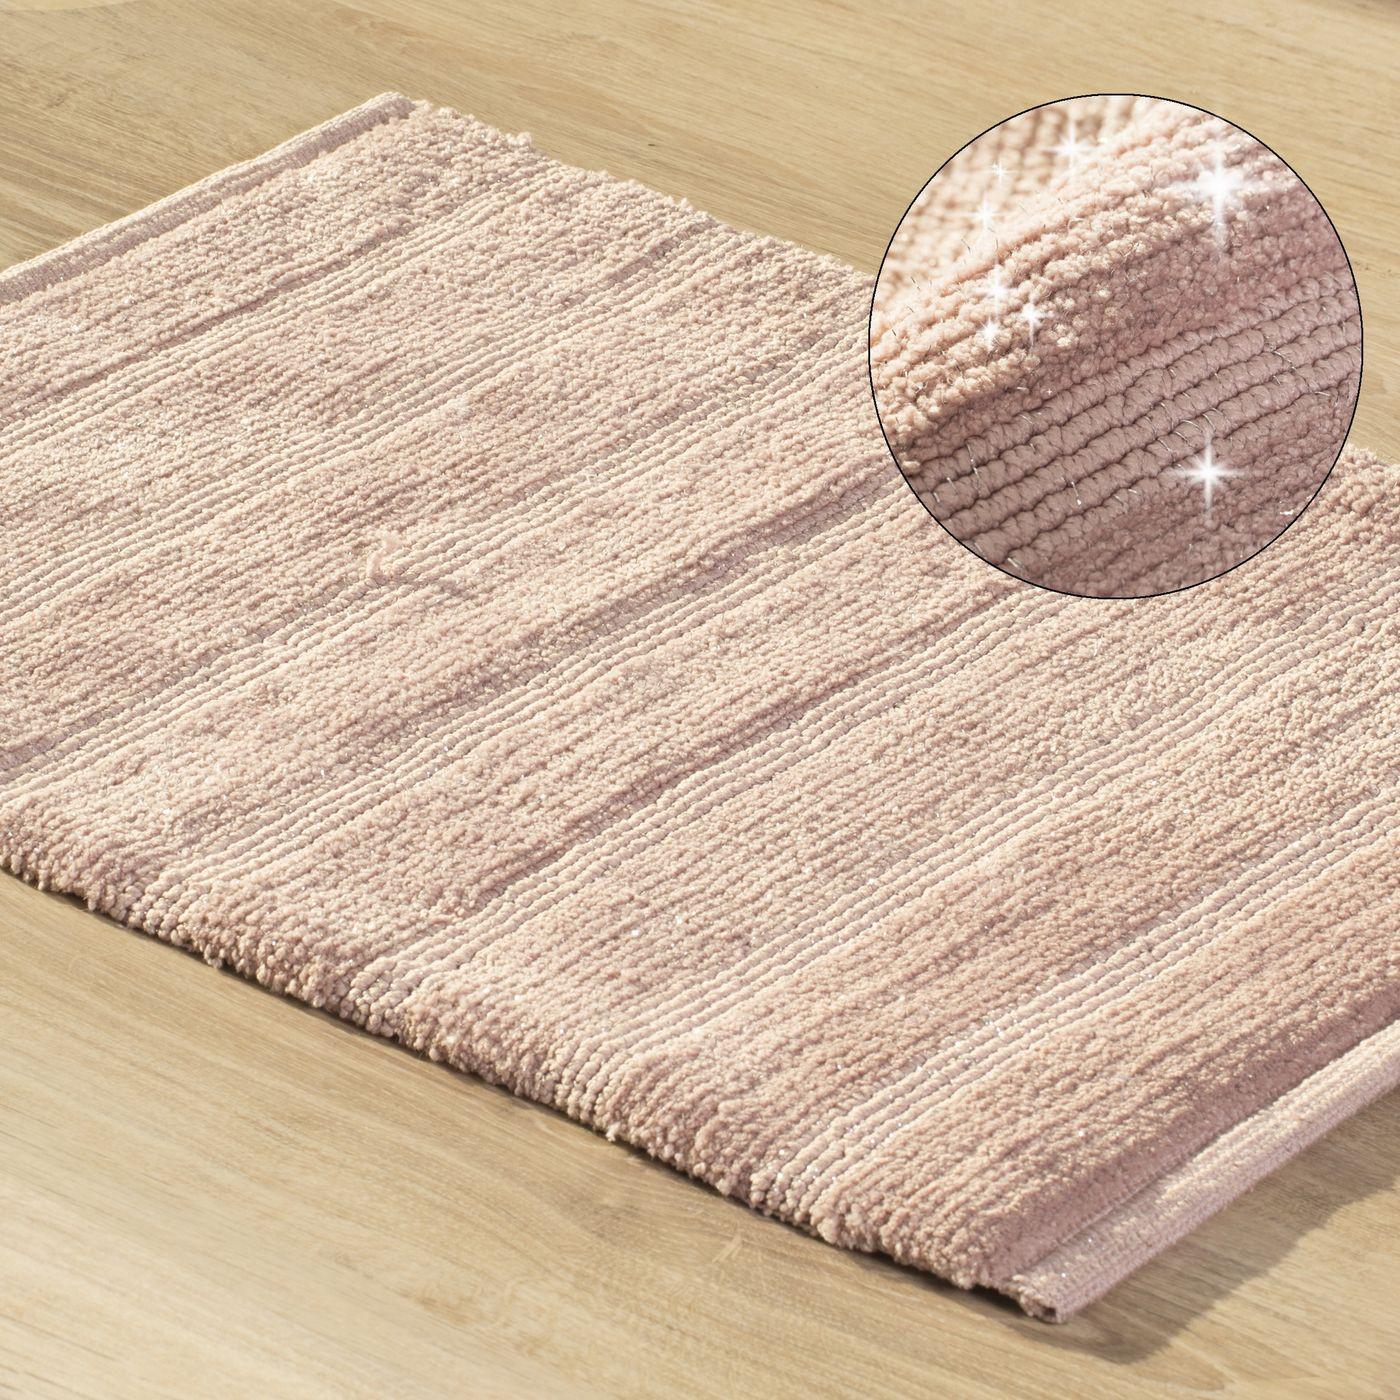 Łazienkowy dywanik w paski splot pętelkowy różowy 60x90 cm